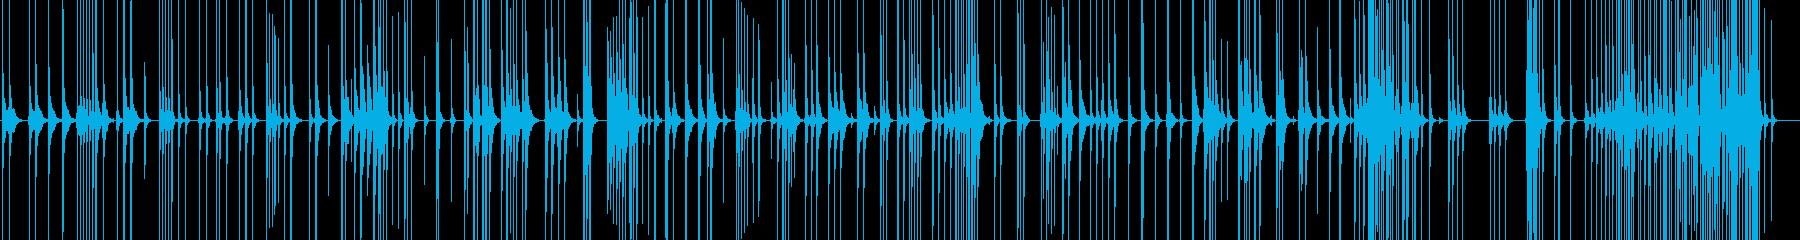 三味線114連獅子7二上り歌舞伎生音和風の再生済みの波形